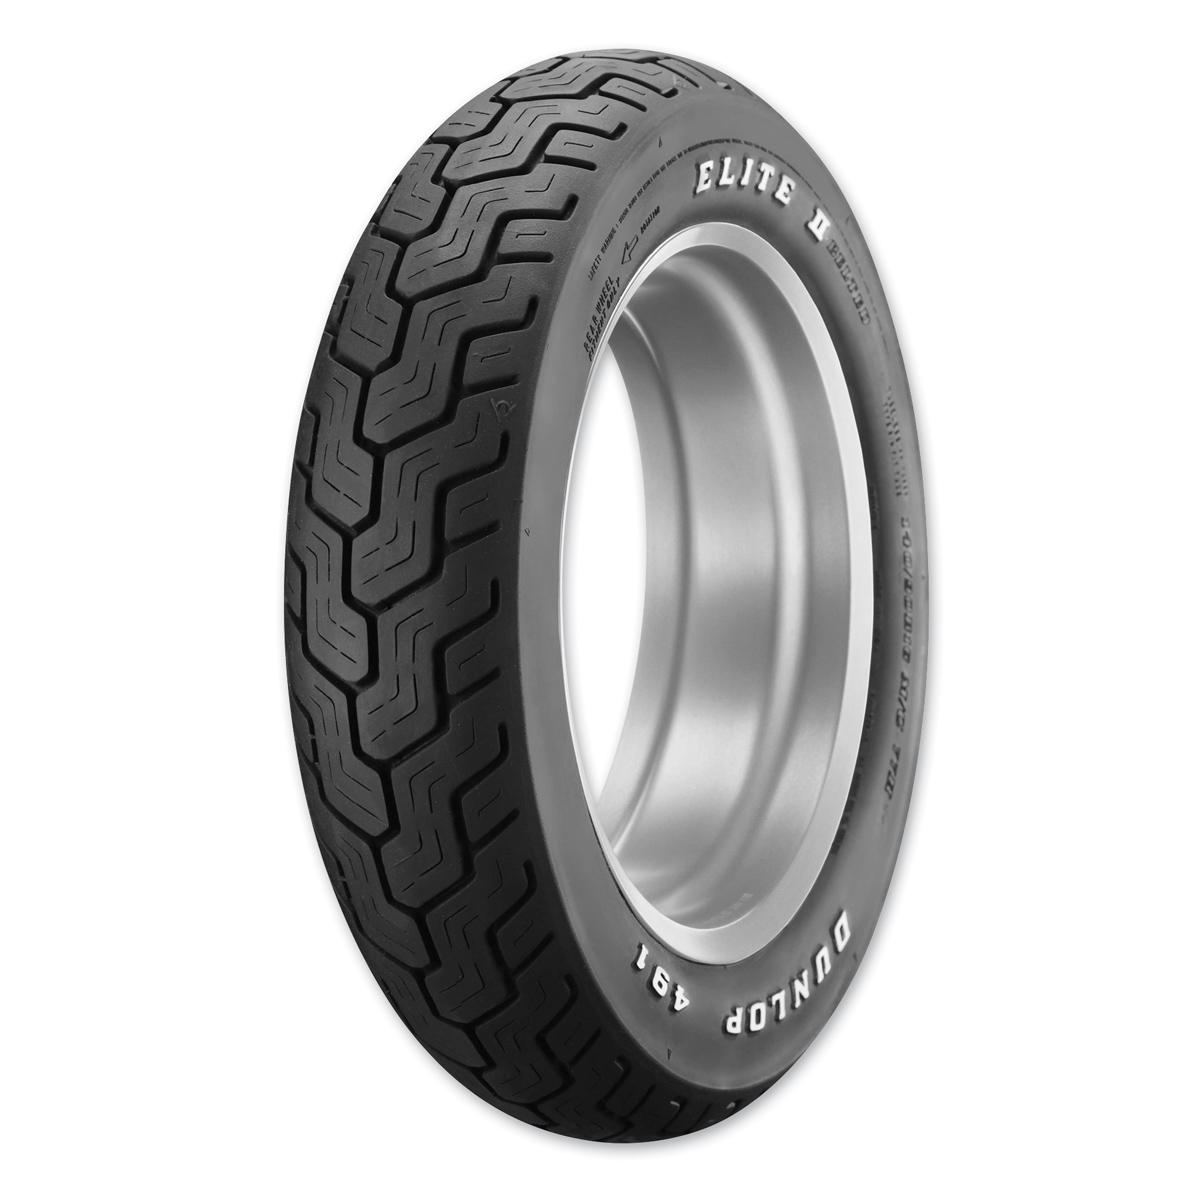 Dunlop D491 Elite II 140/90B16 RWL Rear Tire